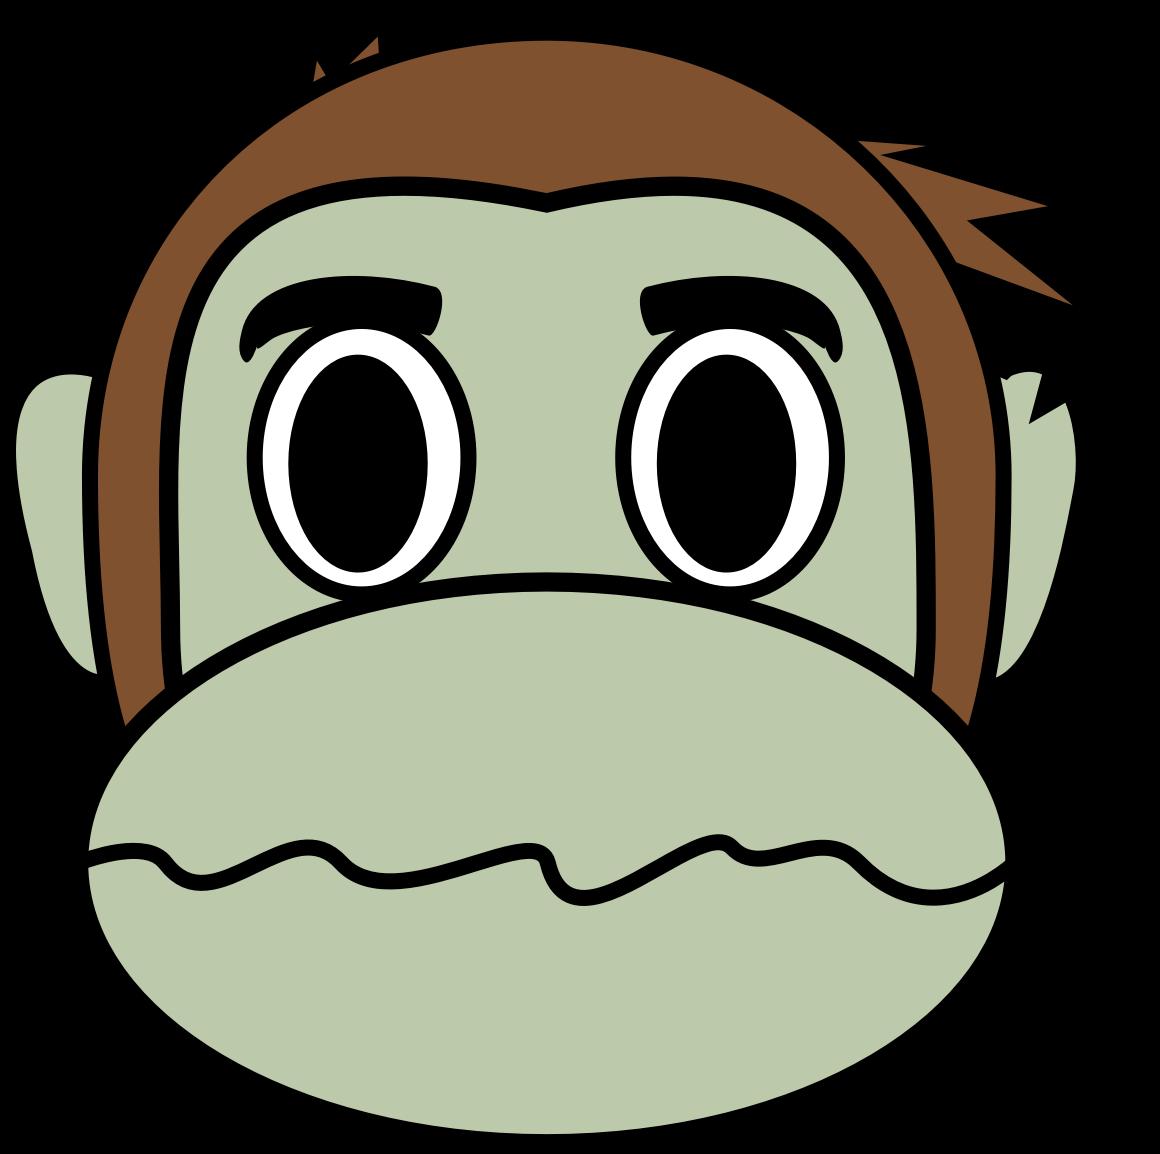 Monkey emoji big image. Zombie clipart face